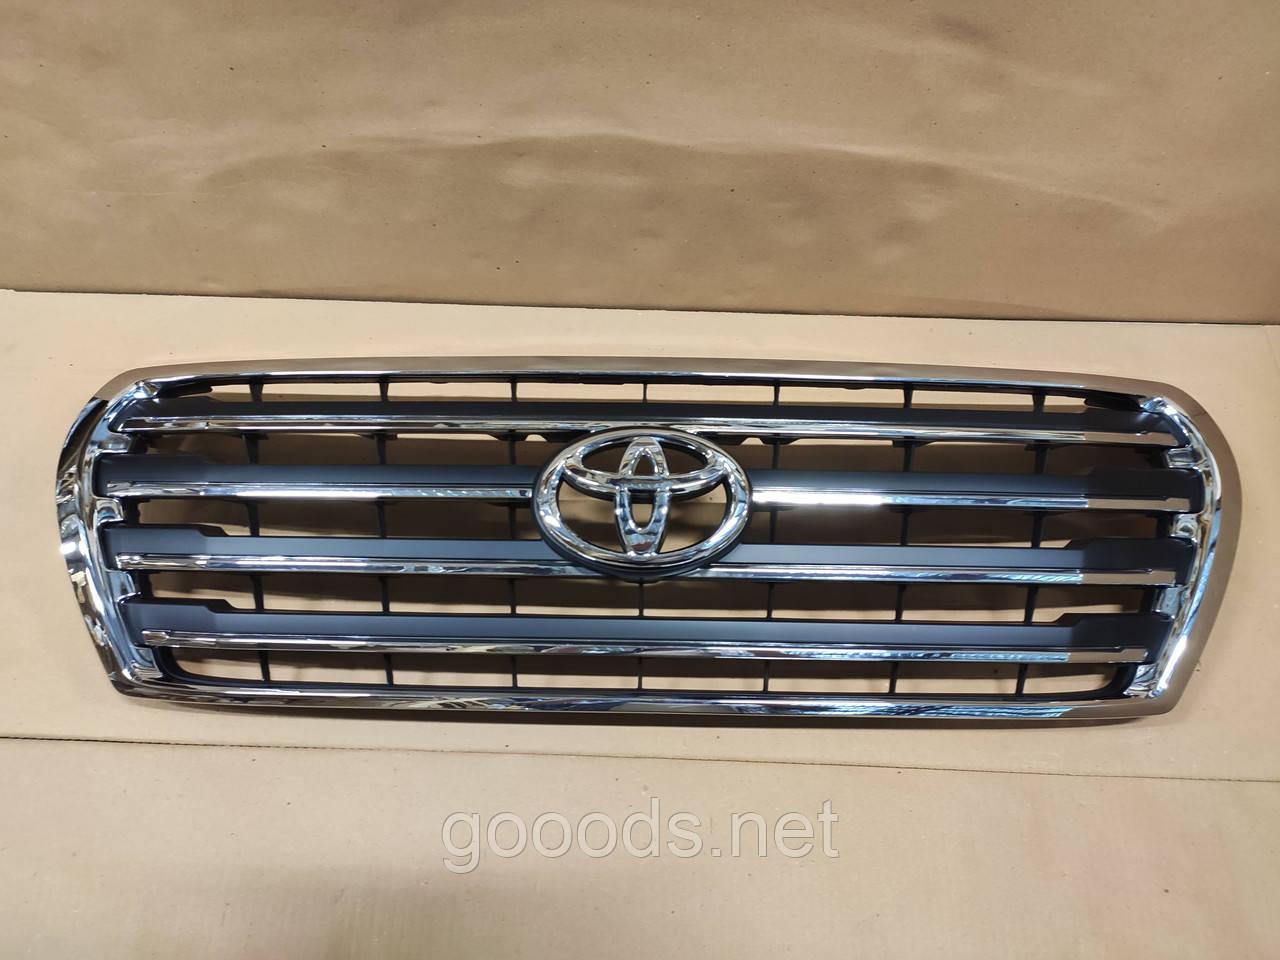 Решетка радиатора Toyota LC 200 2007-2015 в стиле Brownstone